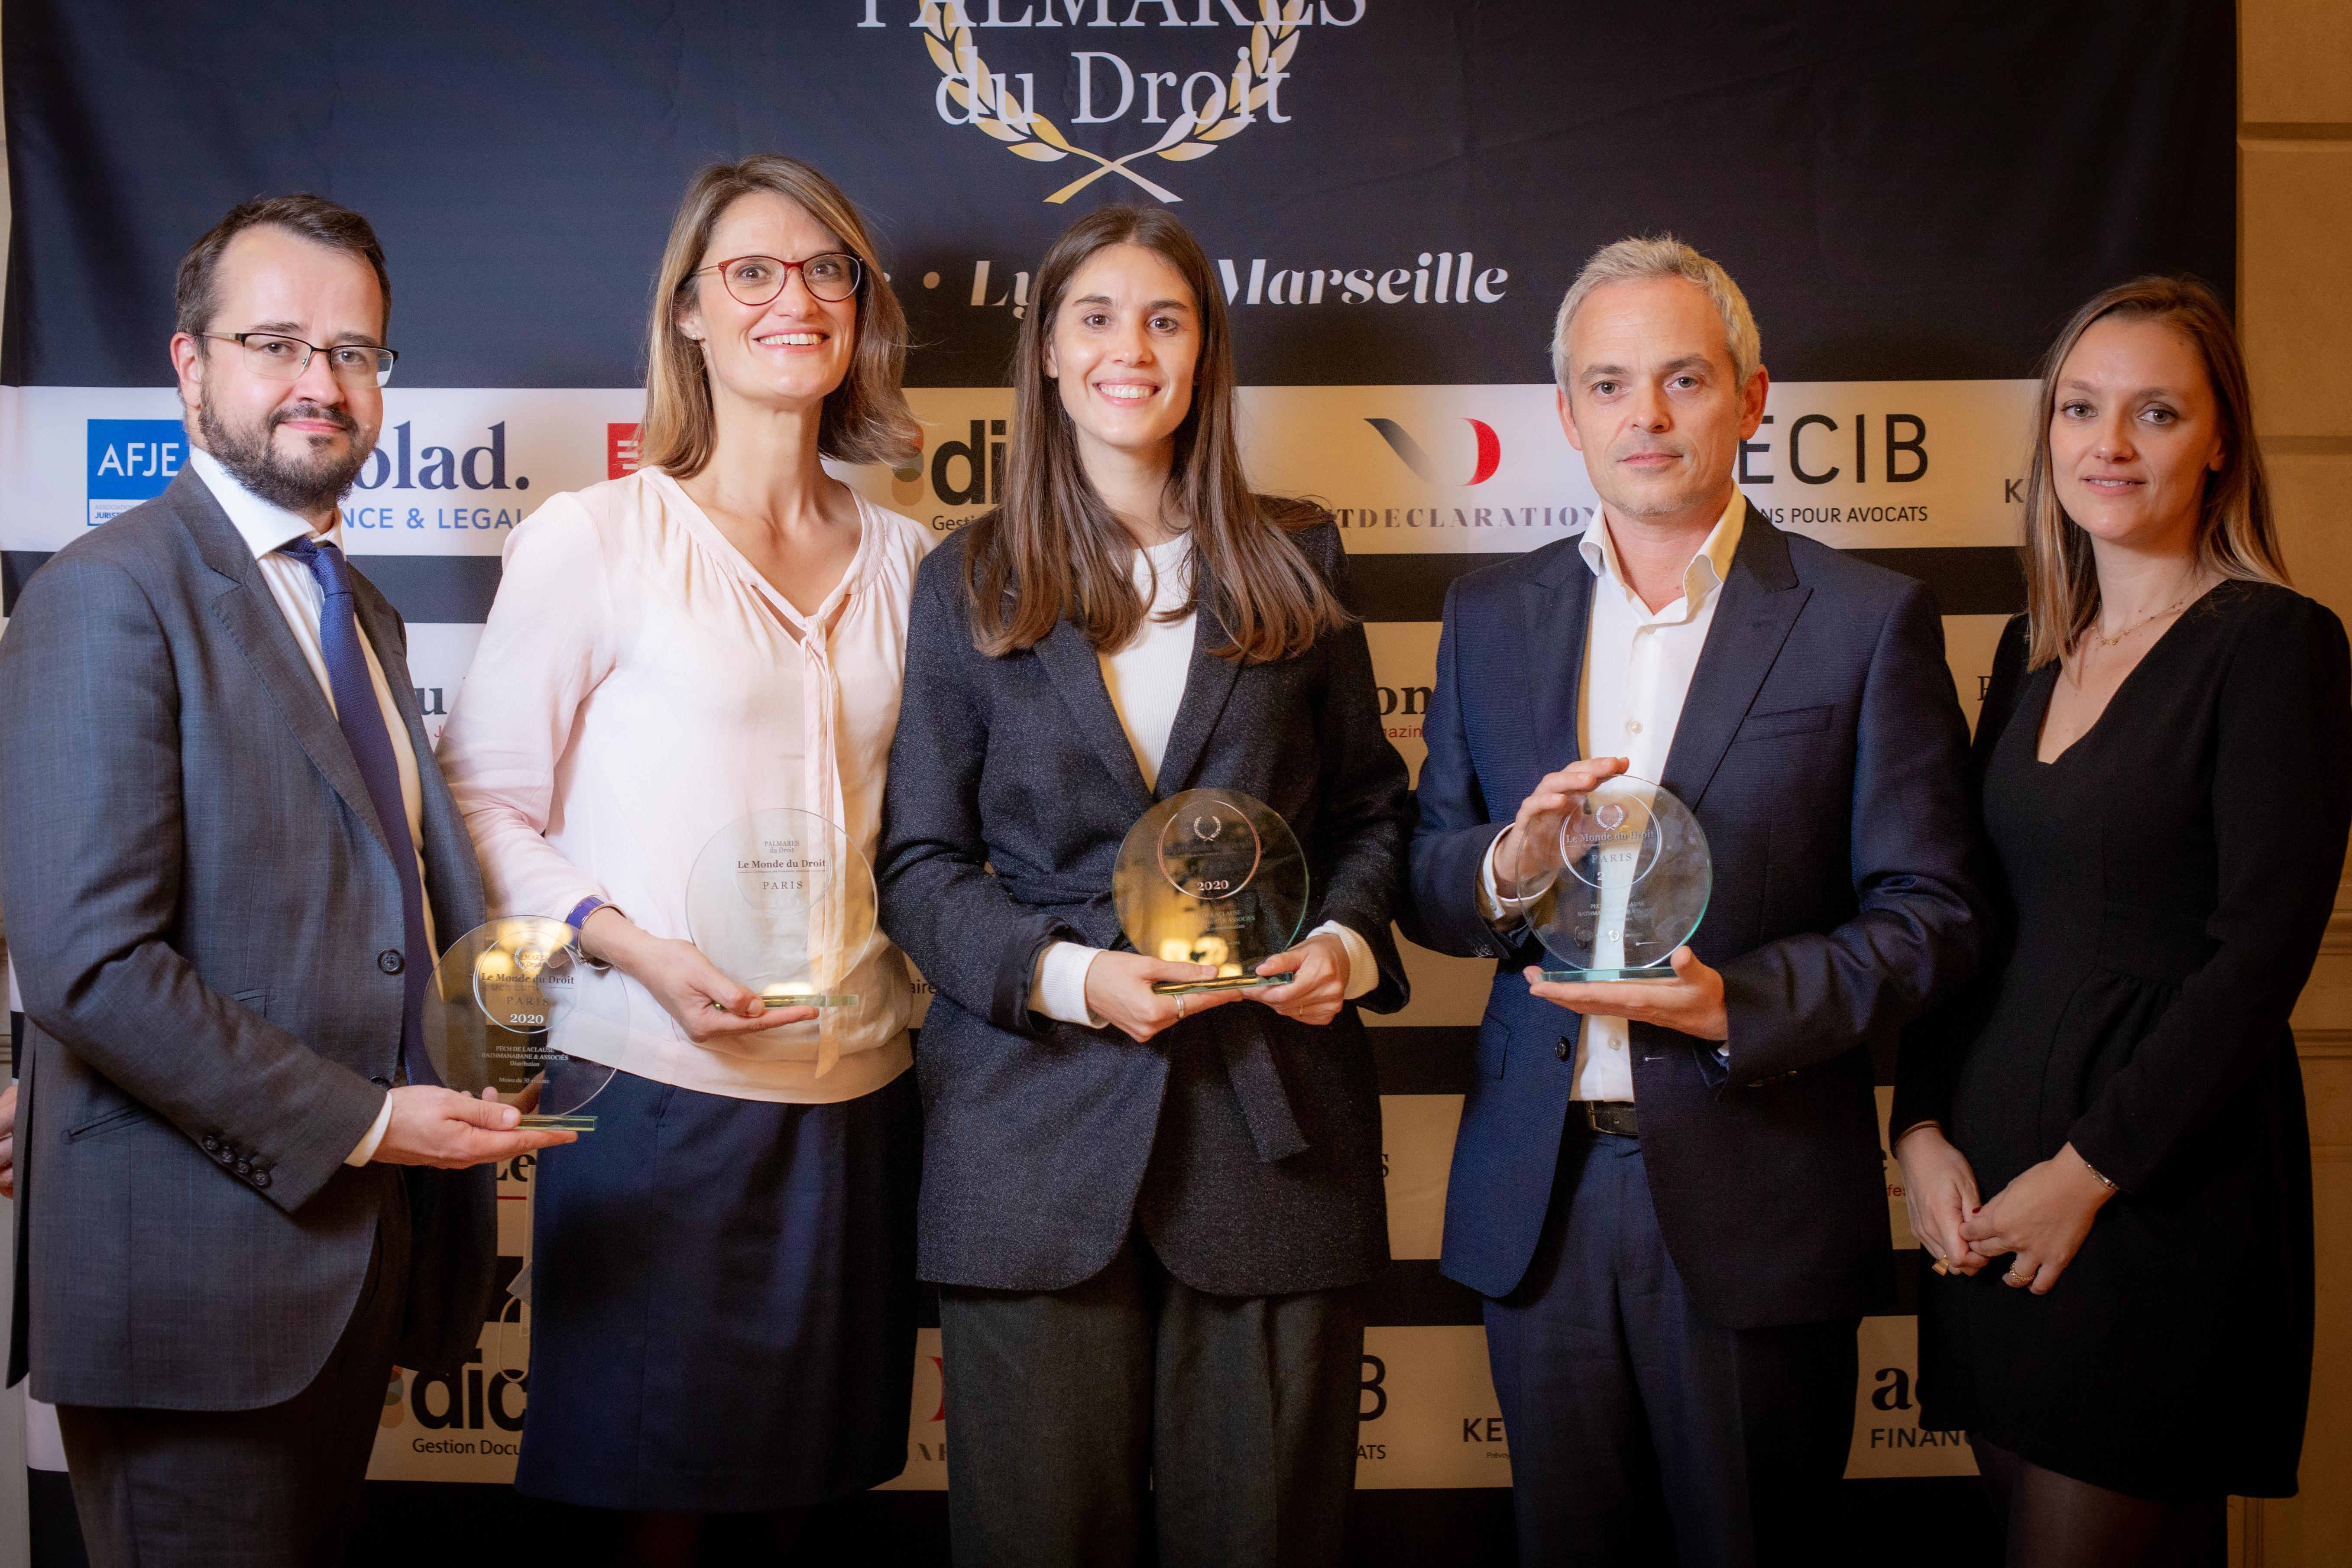 Visuel PBA récompensé par 4 prix au Palmarès du droit 2020